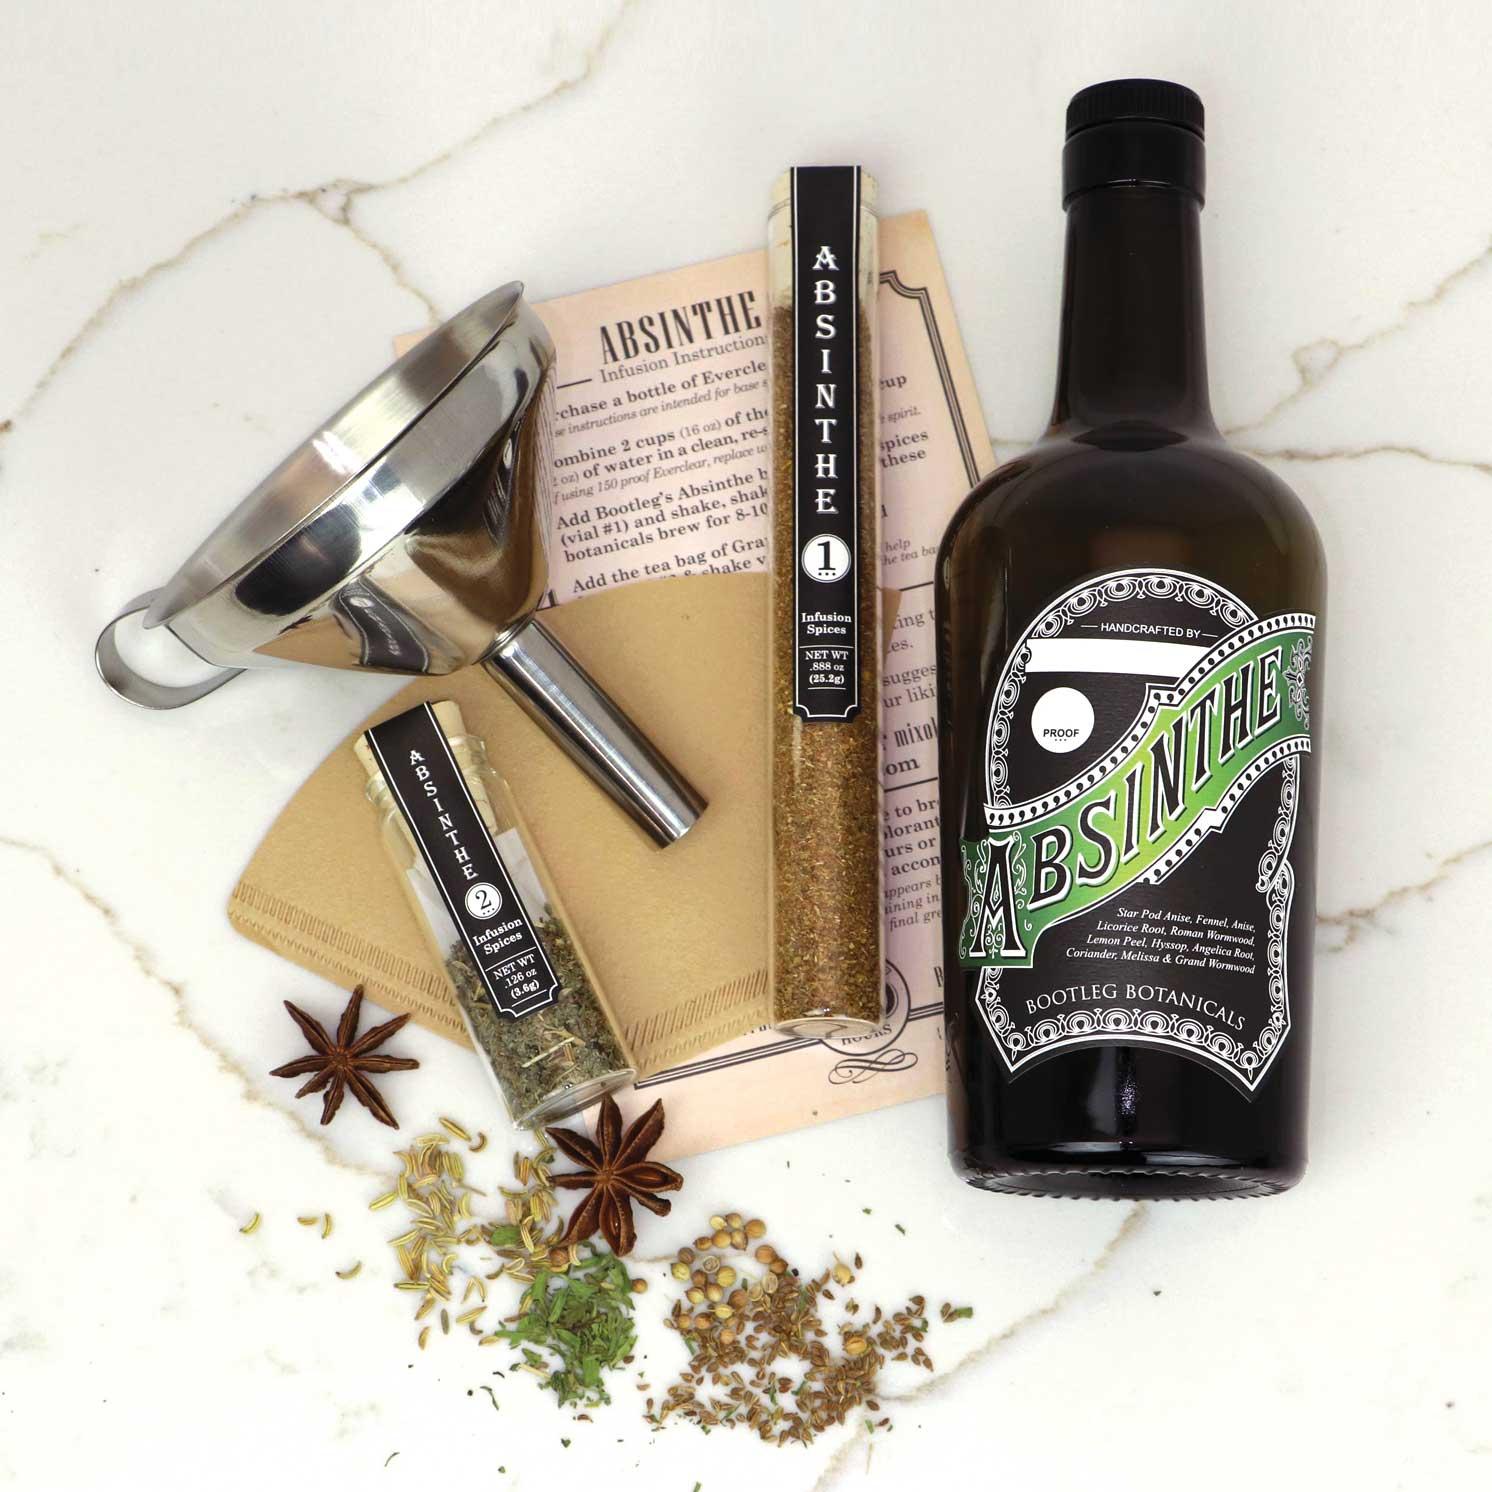 DIY-Absinthe-Making-Kit-Bootleg-Botanicals ...